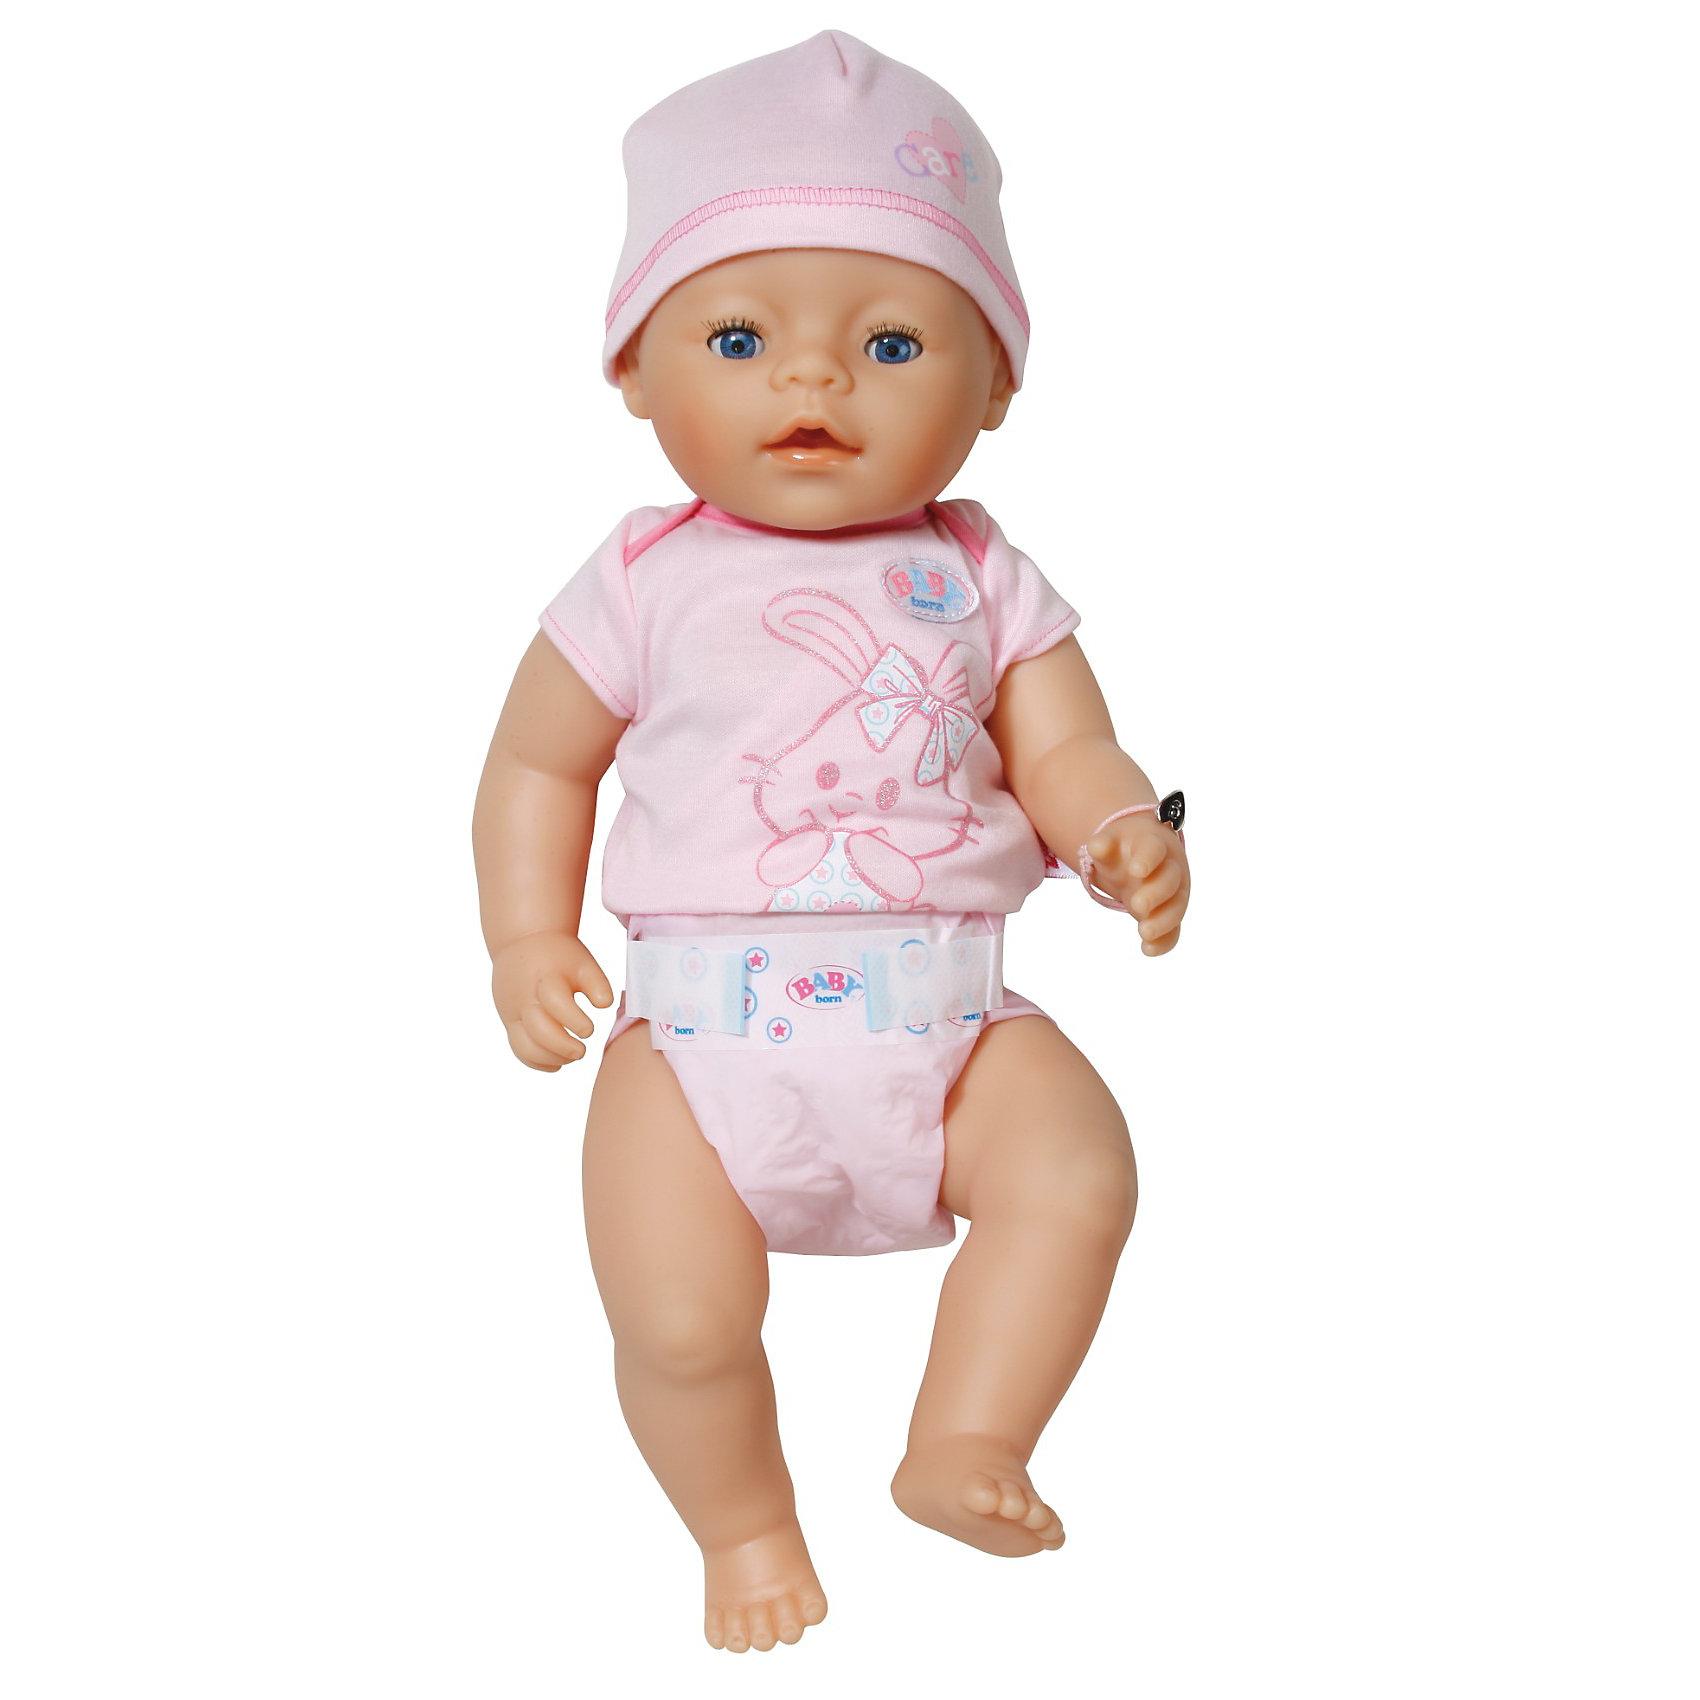 BABY born Памперсы, 5 шт от myToys